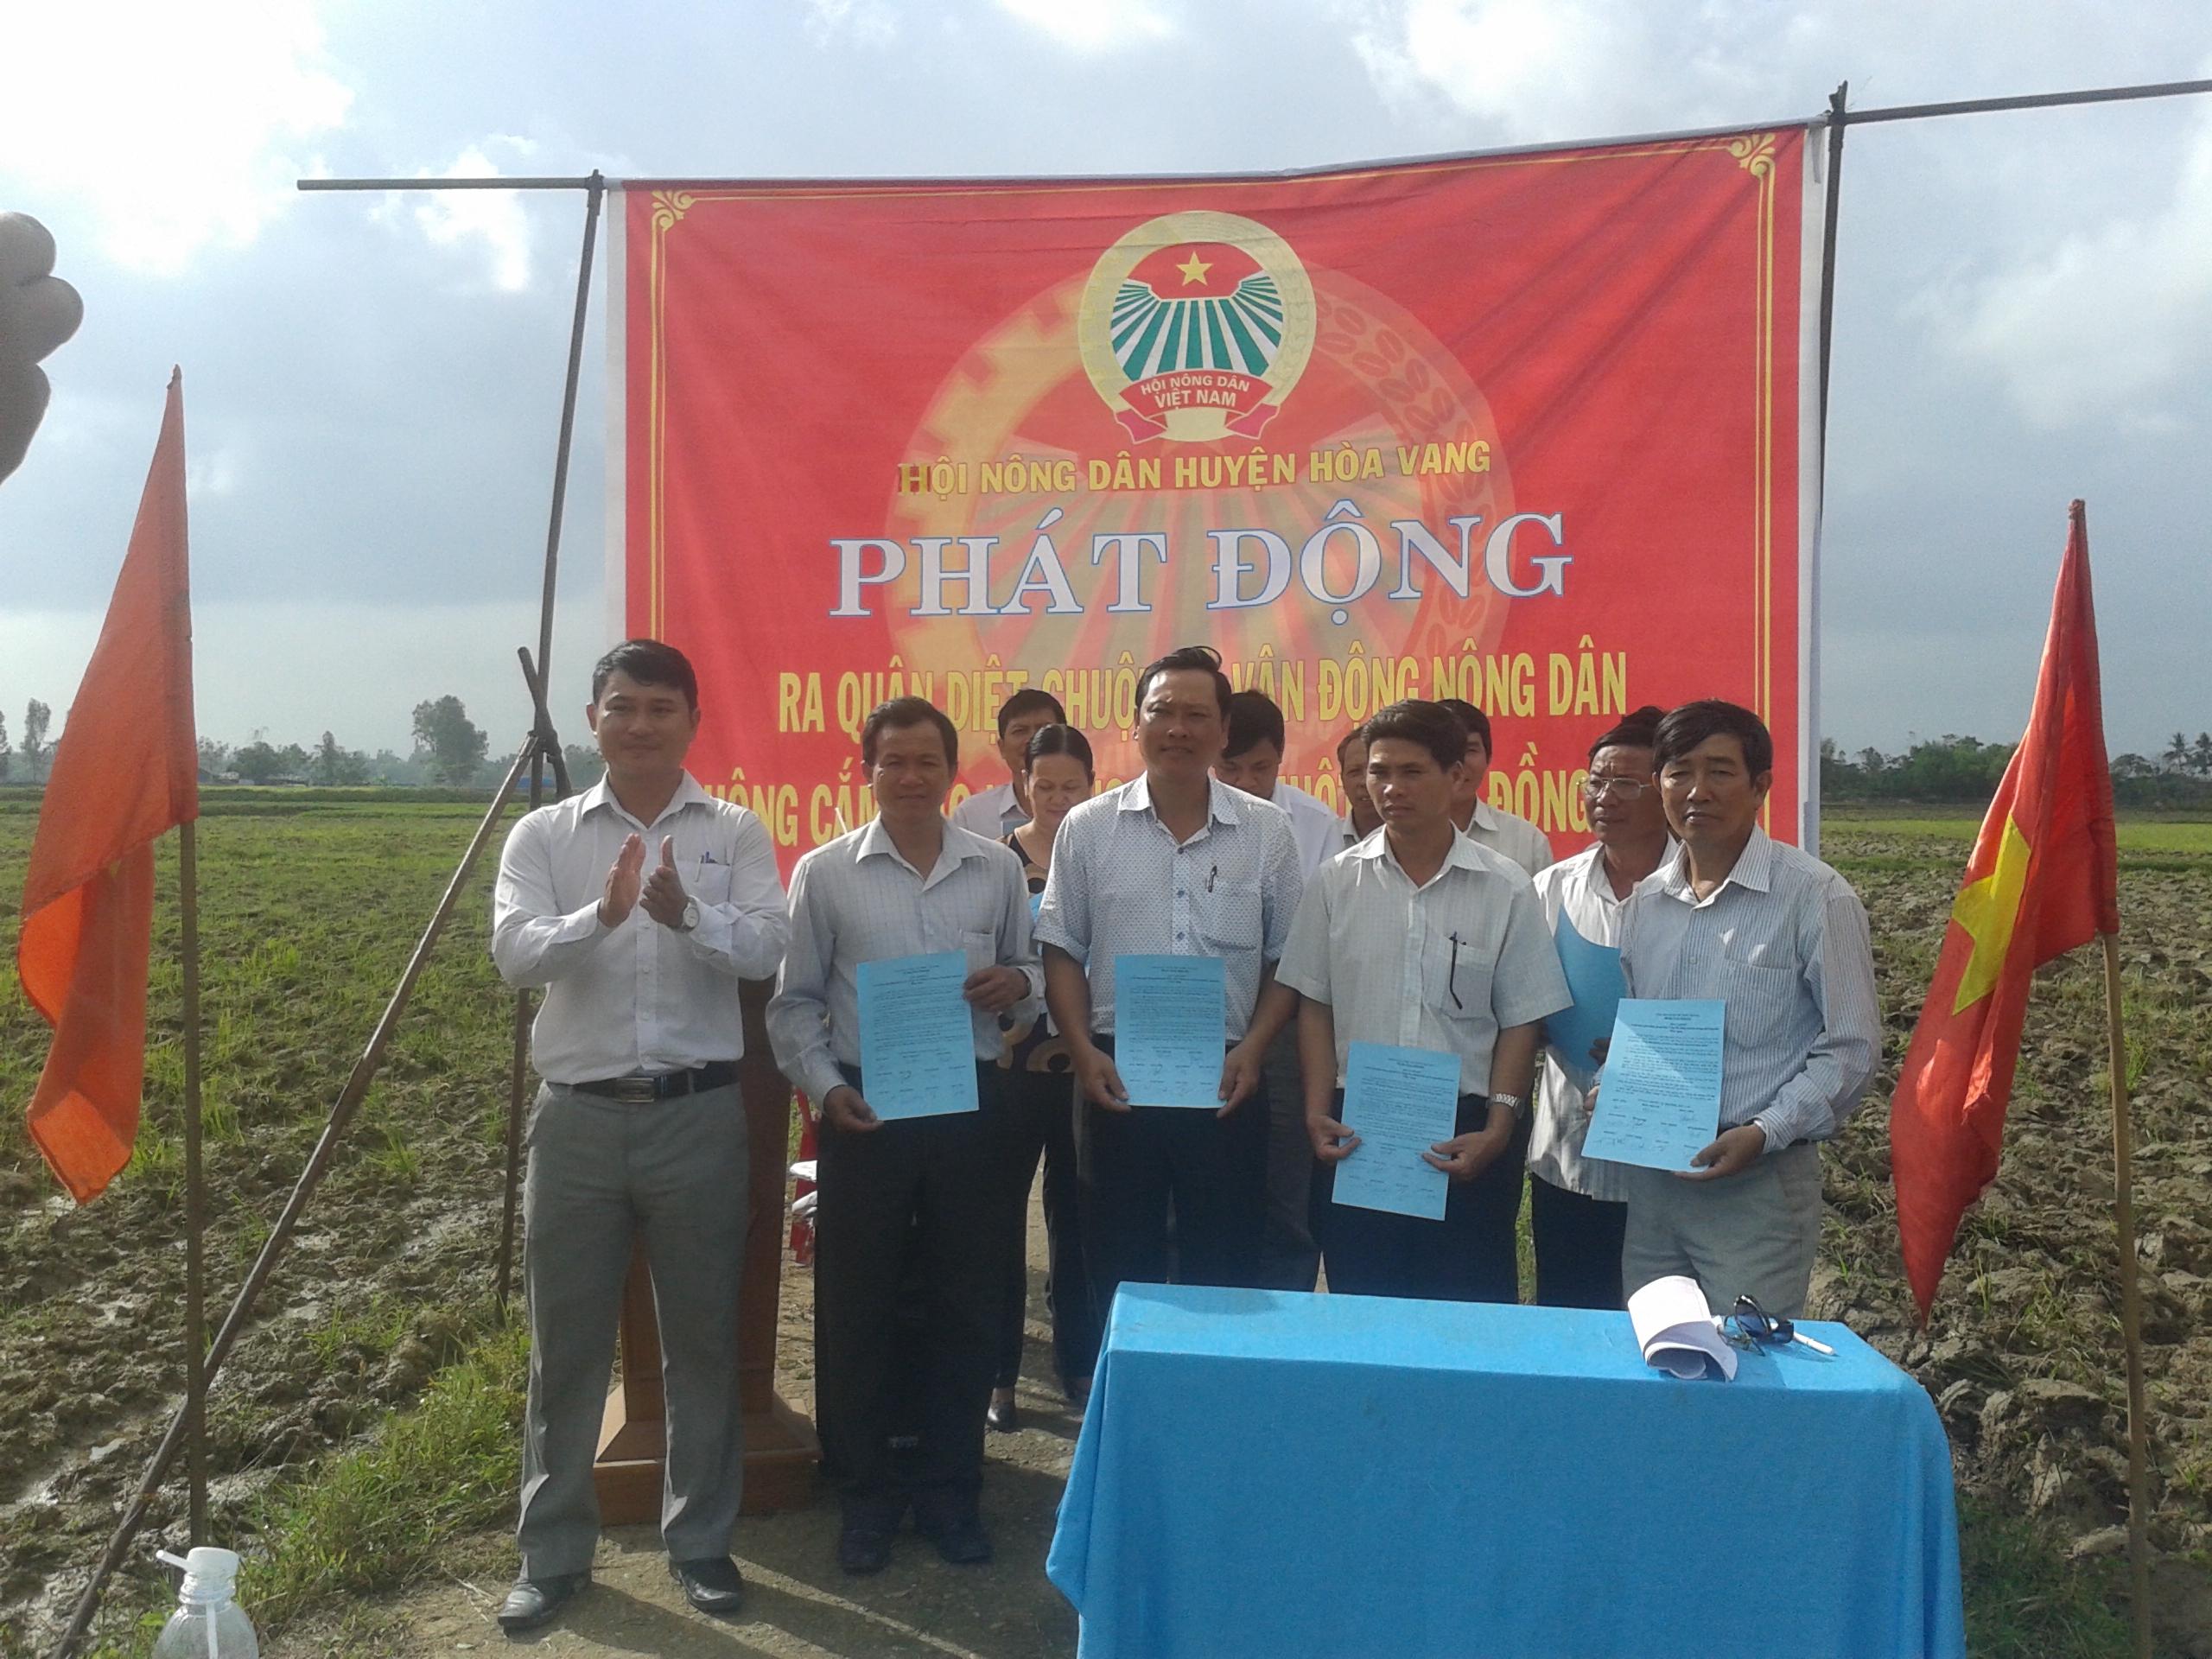 Đà Nẵng: Nông dân Hoà Vang ra quân diệt chuột bảo vệ lúa